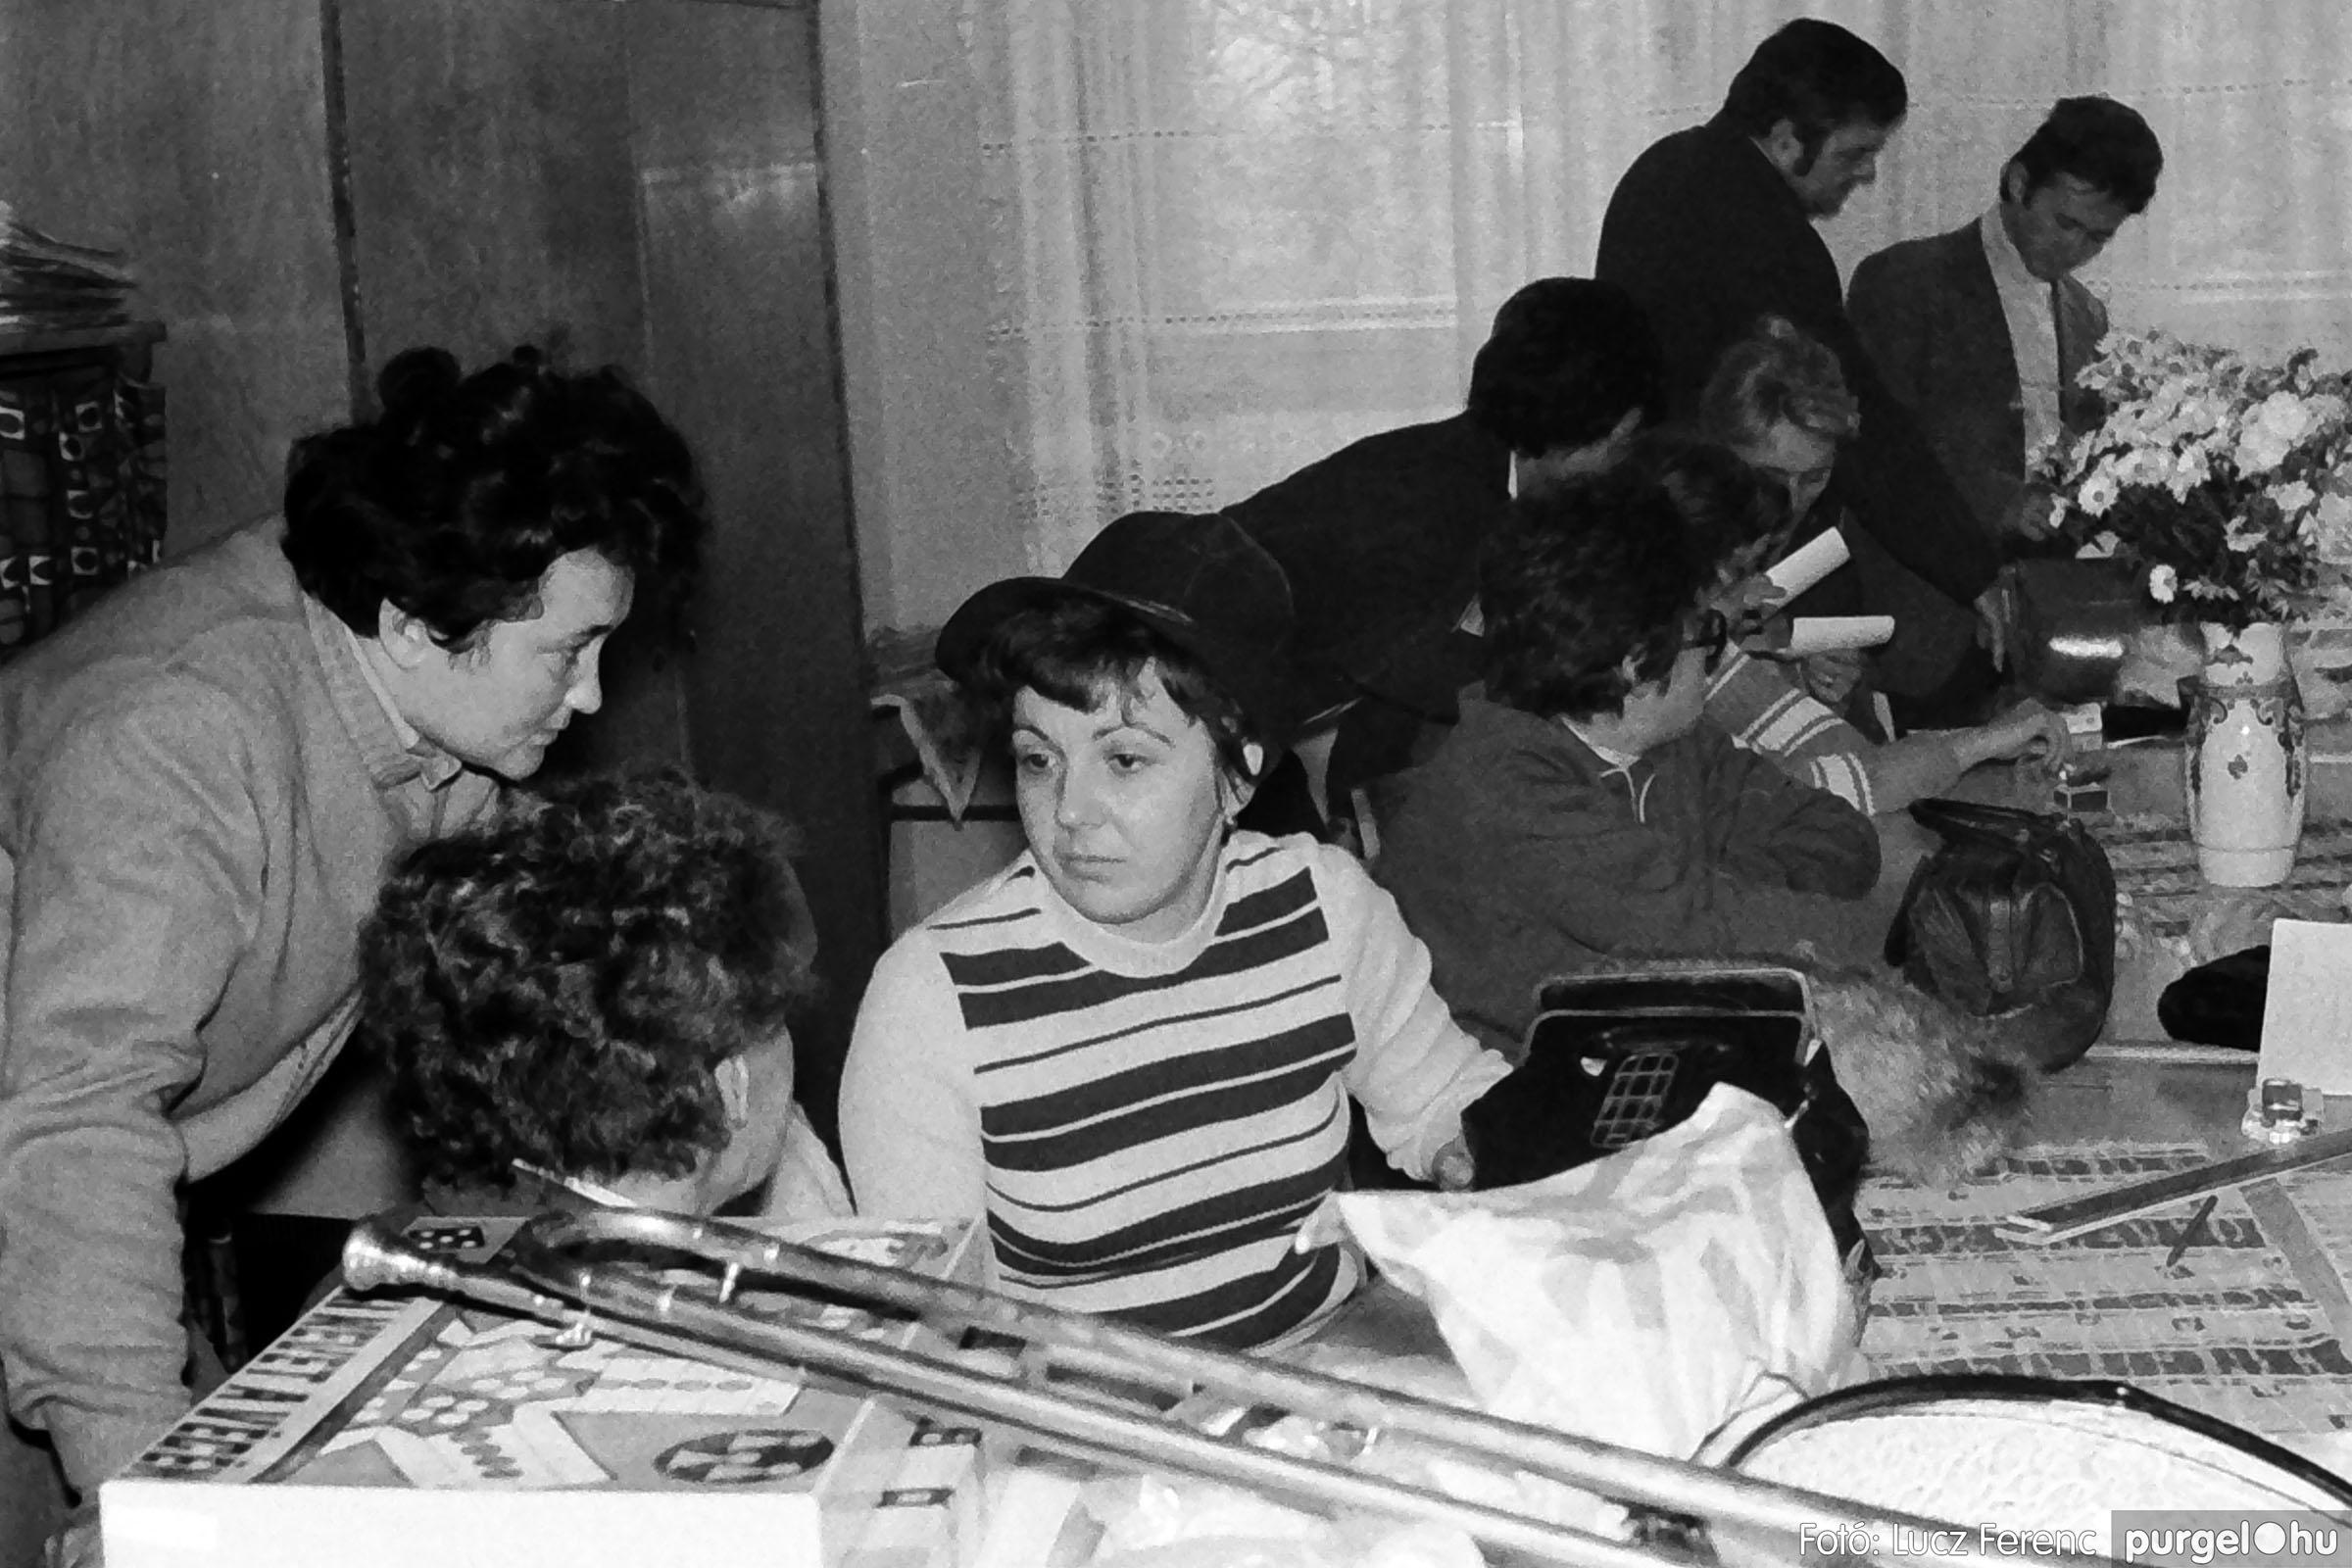 004A 1970-es évek - Úttörő rendezvény 011 - Fotó: Lucz Ferenc IMG00022q.jpg